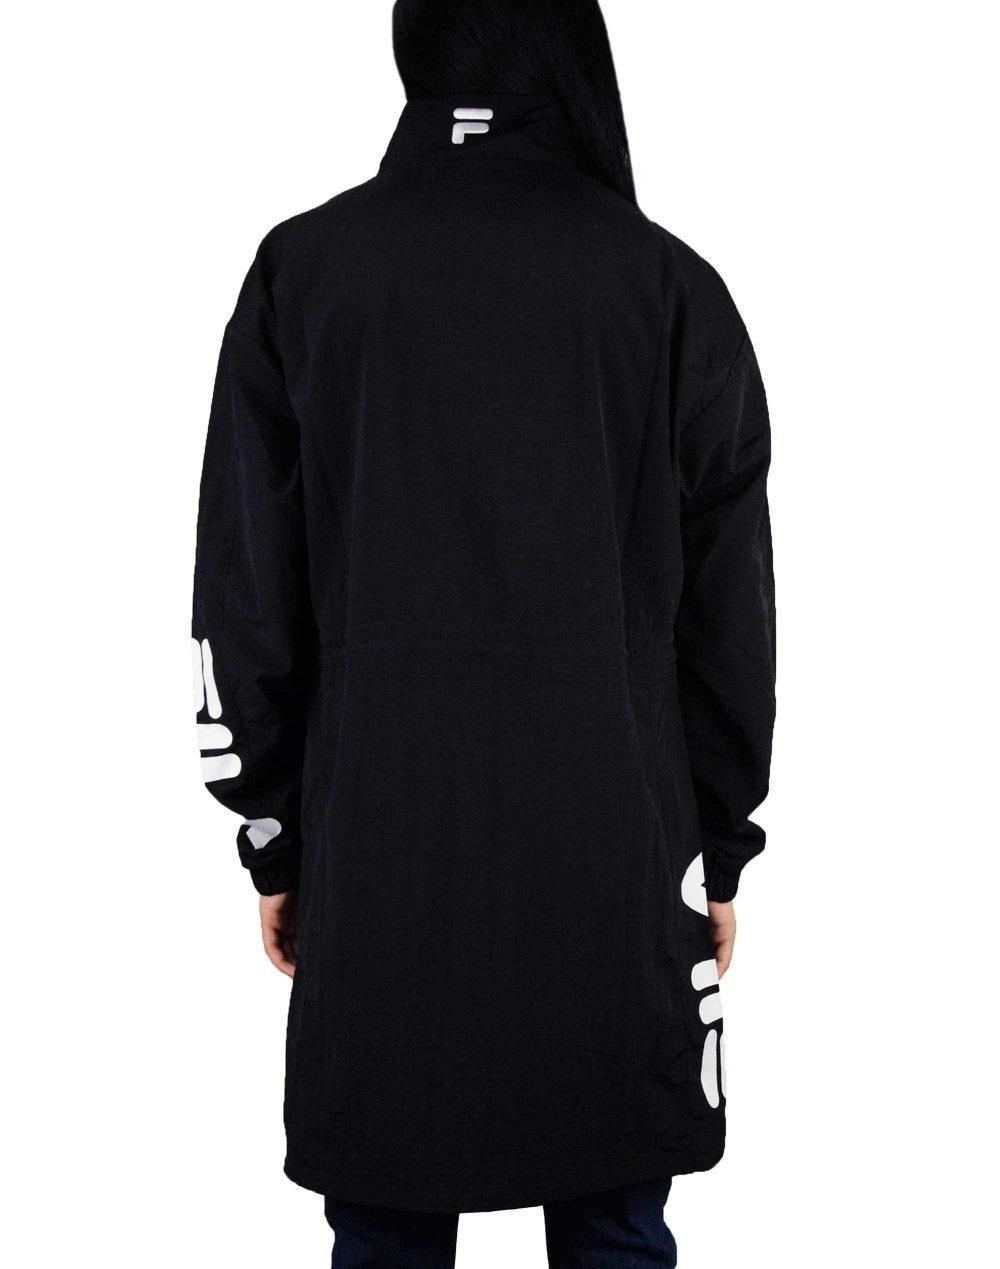 Fila Bijou Track Mini Dress LW933224 001 Black 2